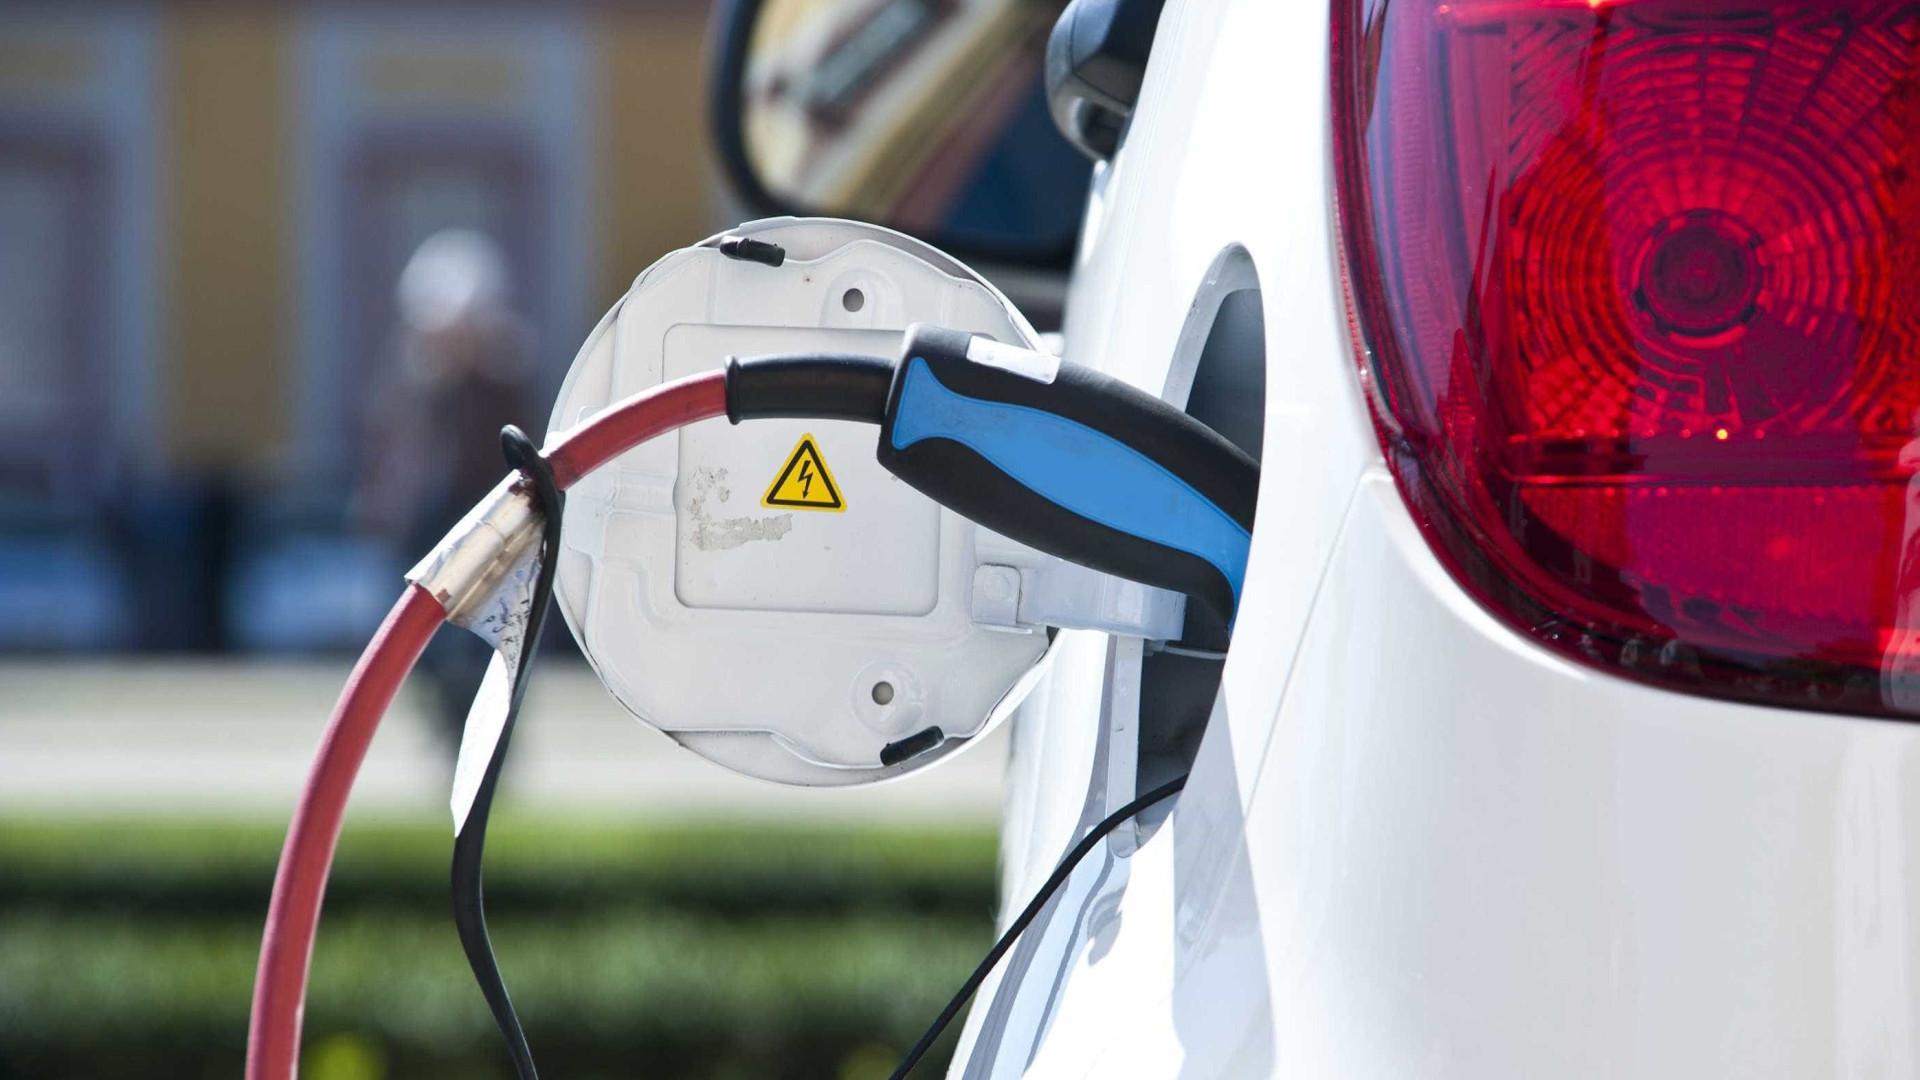 Indústria deve preparar-se para reciclar baterias de carros elétricos